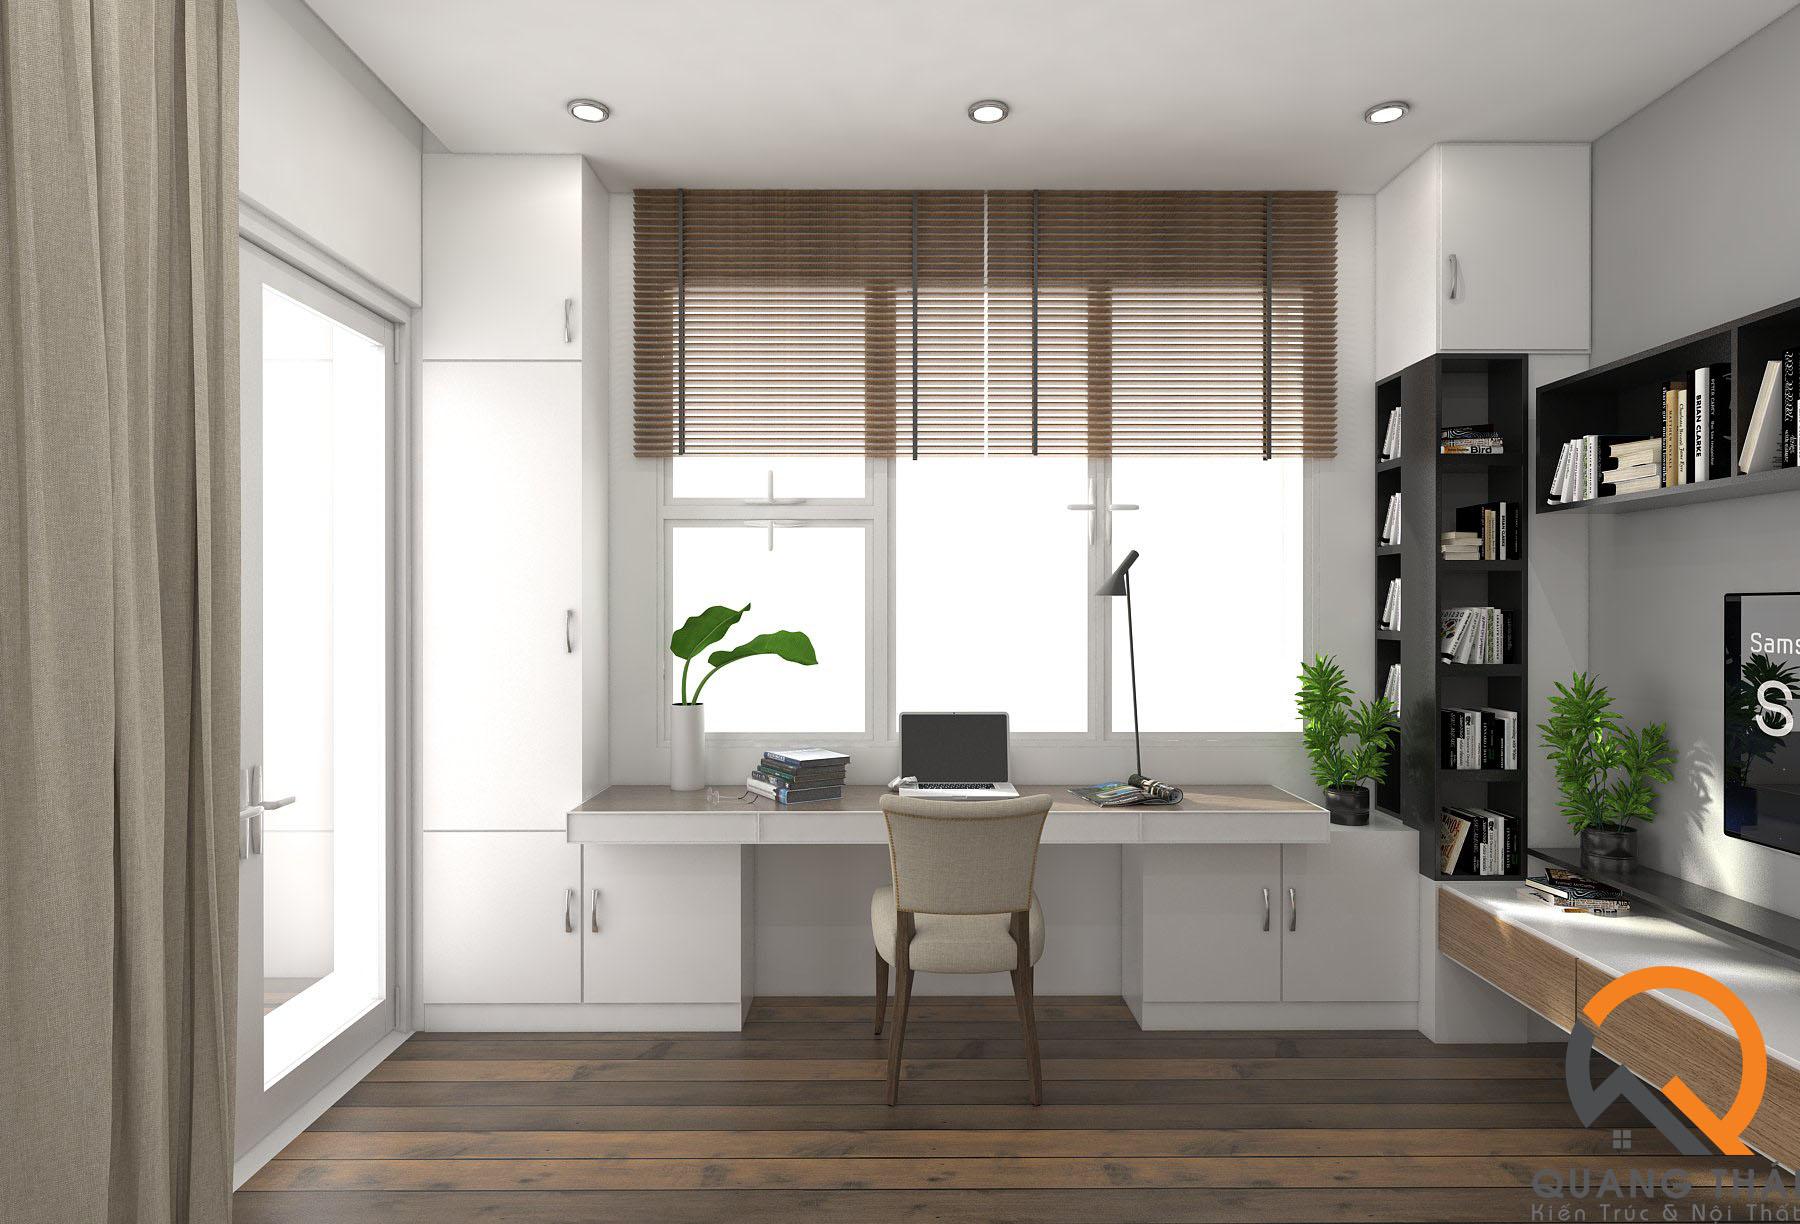 Nội thất phòng đọc sách hiện đại, sang trọng, với tông màu trắng nhẹ nhàng thuần khiết.